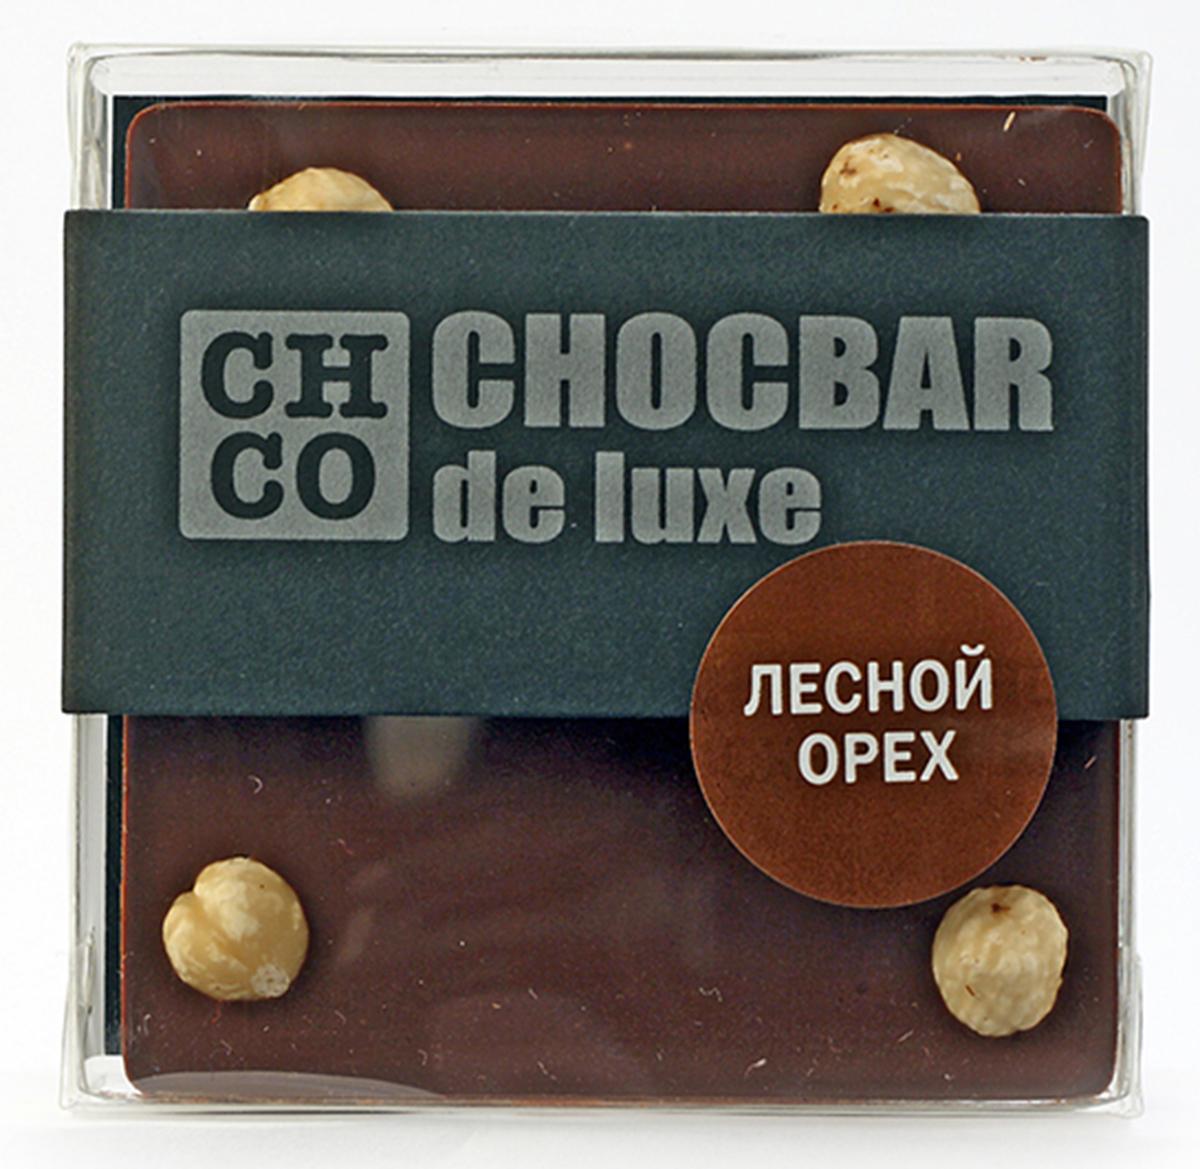 Chco Chocbar De Luxe Dark Лесной орех темный шоколад, 85 г baron тирамису темный шоколад с начинкой 100 г